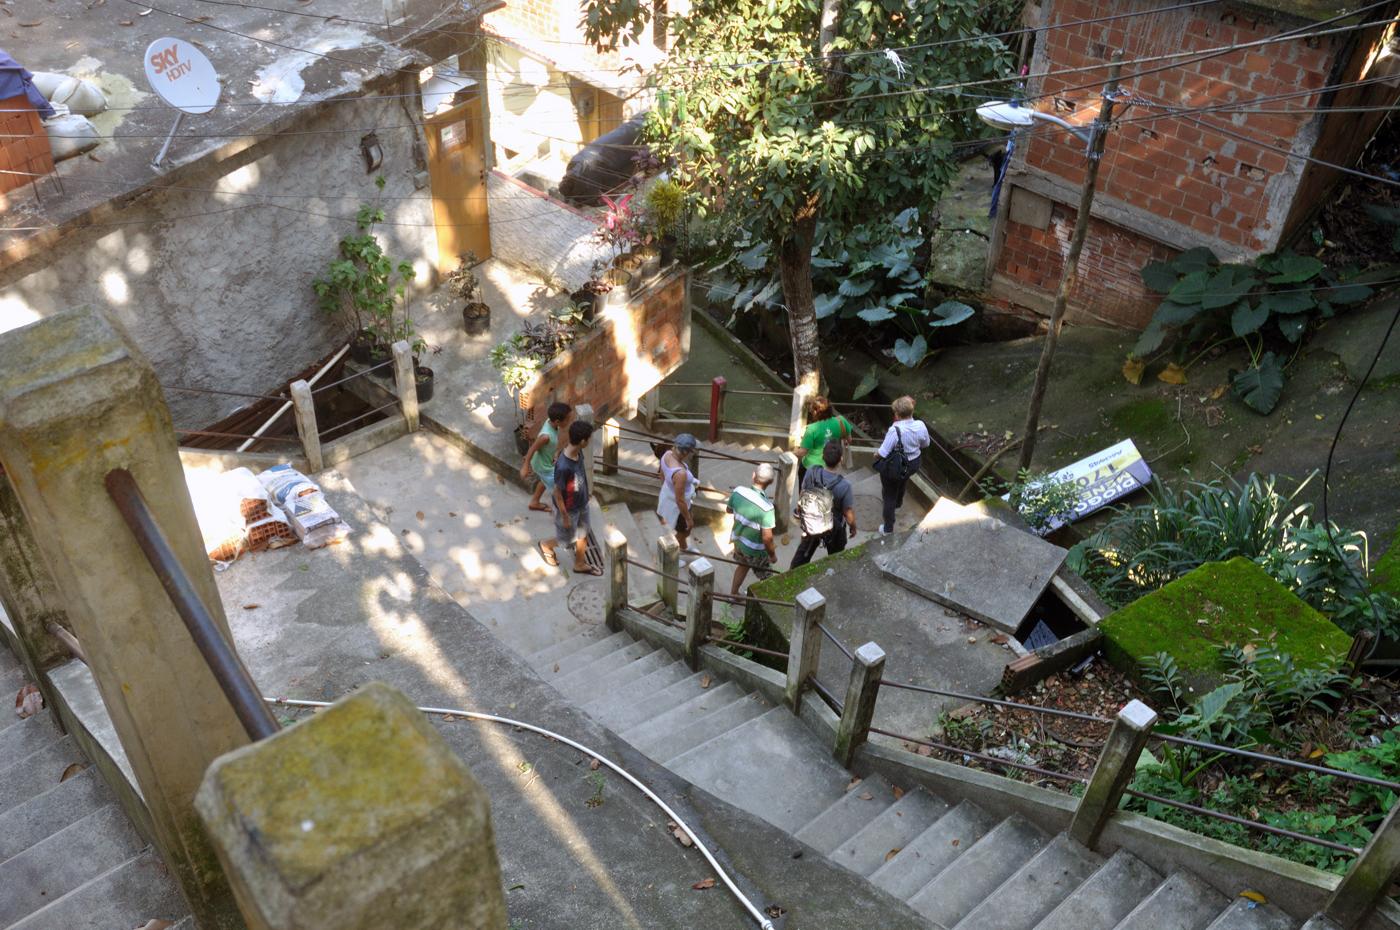 Vor allem die unzähligen Treppen verbinden die Häuser am Hang miteinander und mit der Stadt. Alles für den täglichen Bedarf und darüber hinaus muss hier hochgeschleppt werden. (Bild: Andreas Lerg)